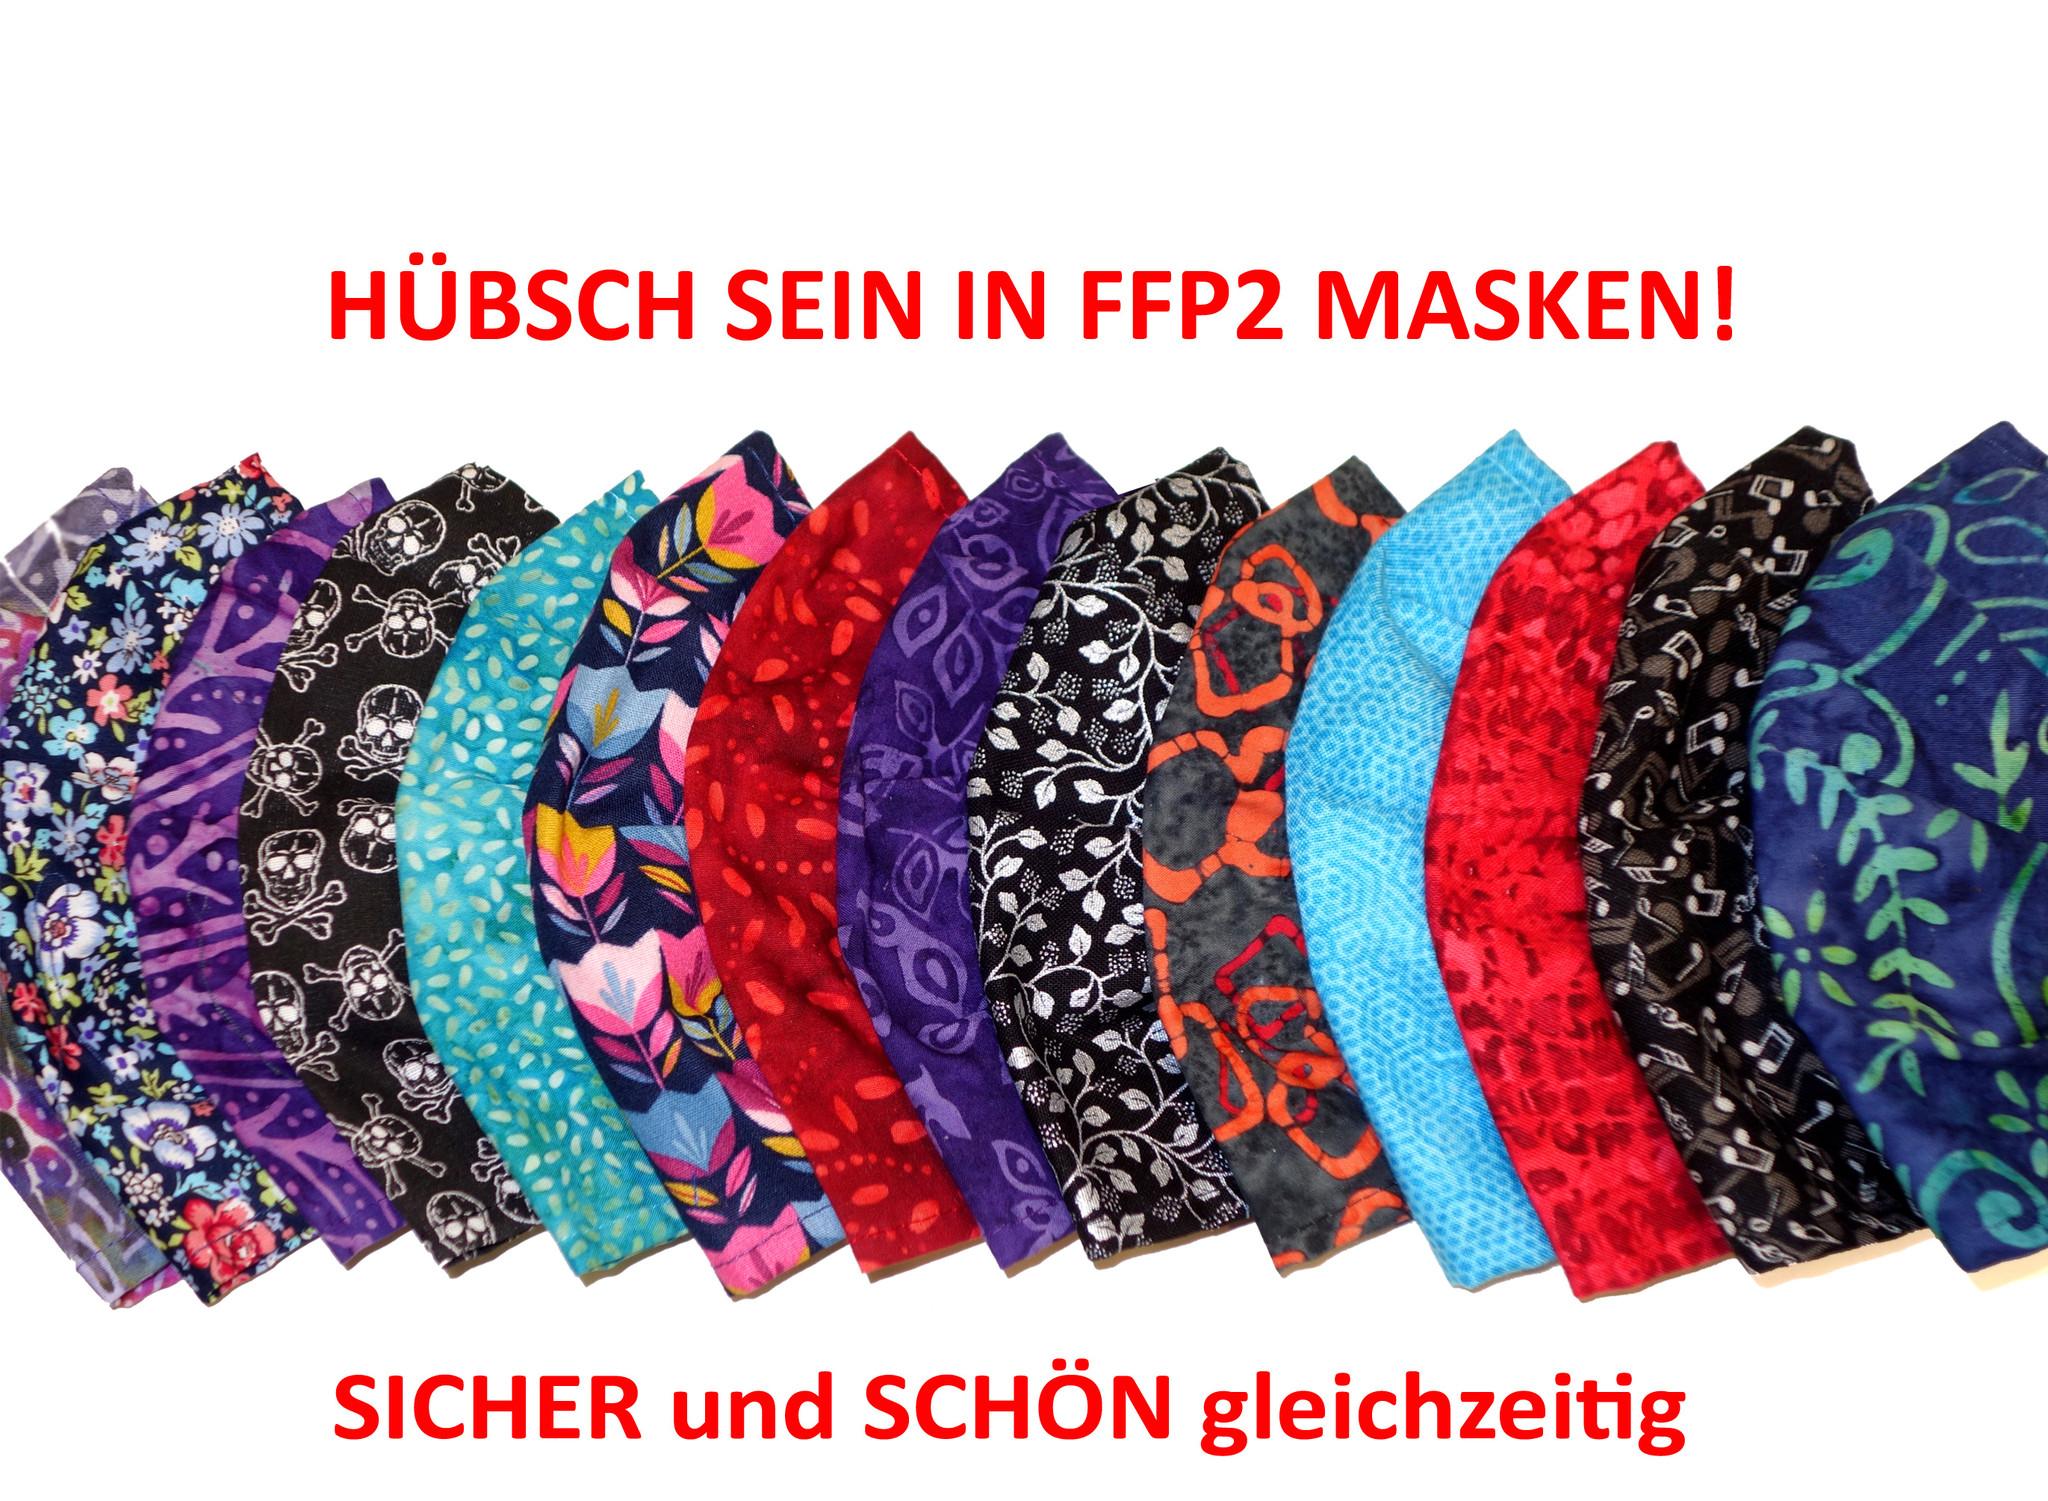 gemusterte FFP2 Masken, FFP2 Masken gemustert, gemusterte FFP2 Maske, FFP2 Maske gemustert, FFP2 Cover, FFP2 Masken Cover, FFP2 Überzug, FFP2 Maske Überzug, bunte FFP2 Masken, farbige FFP2 Masken